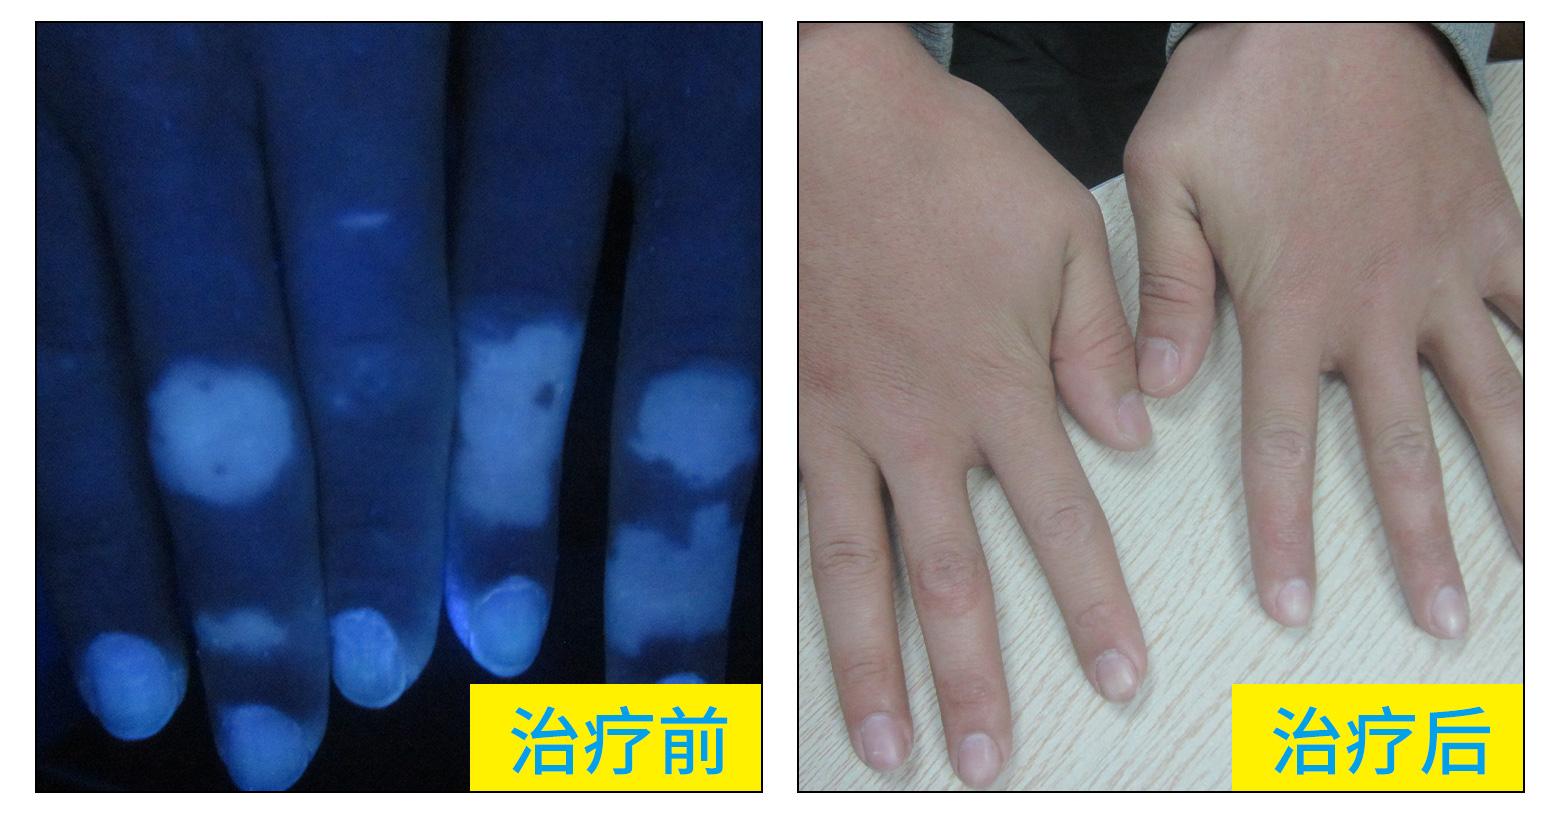 手指皮肤变白是不是白癜风 手指白癜风图片